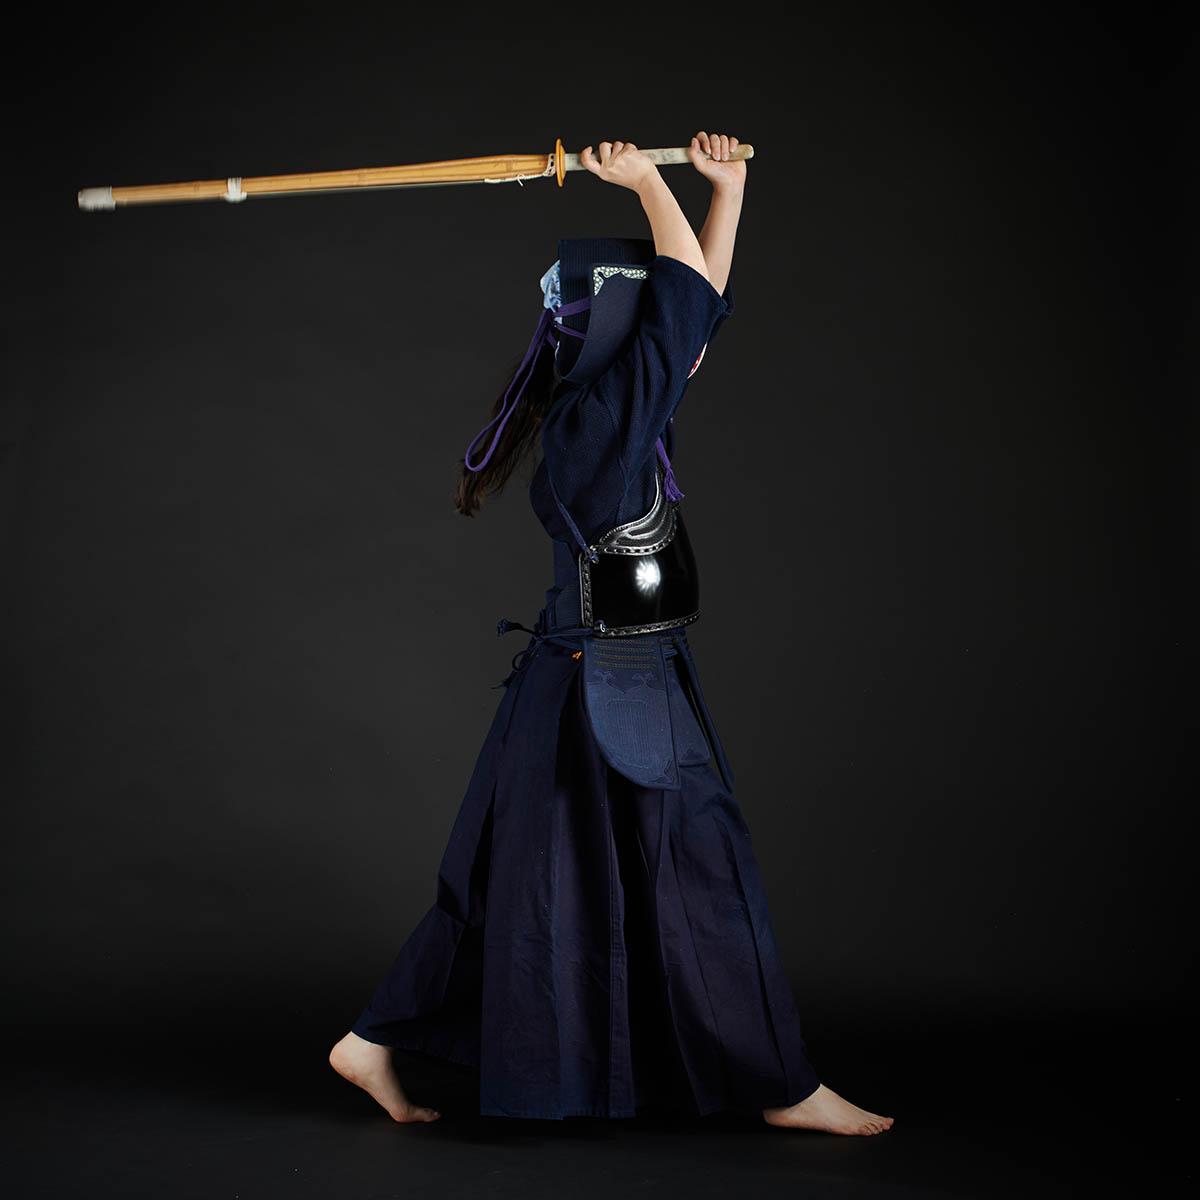 「剣道 構え」の画像検索結果